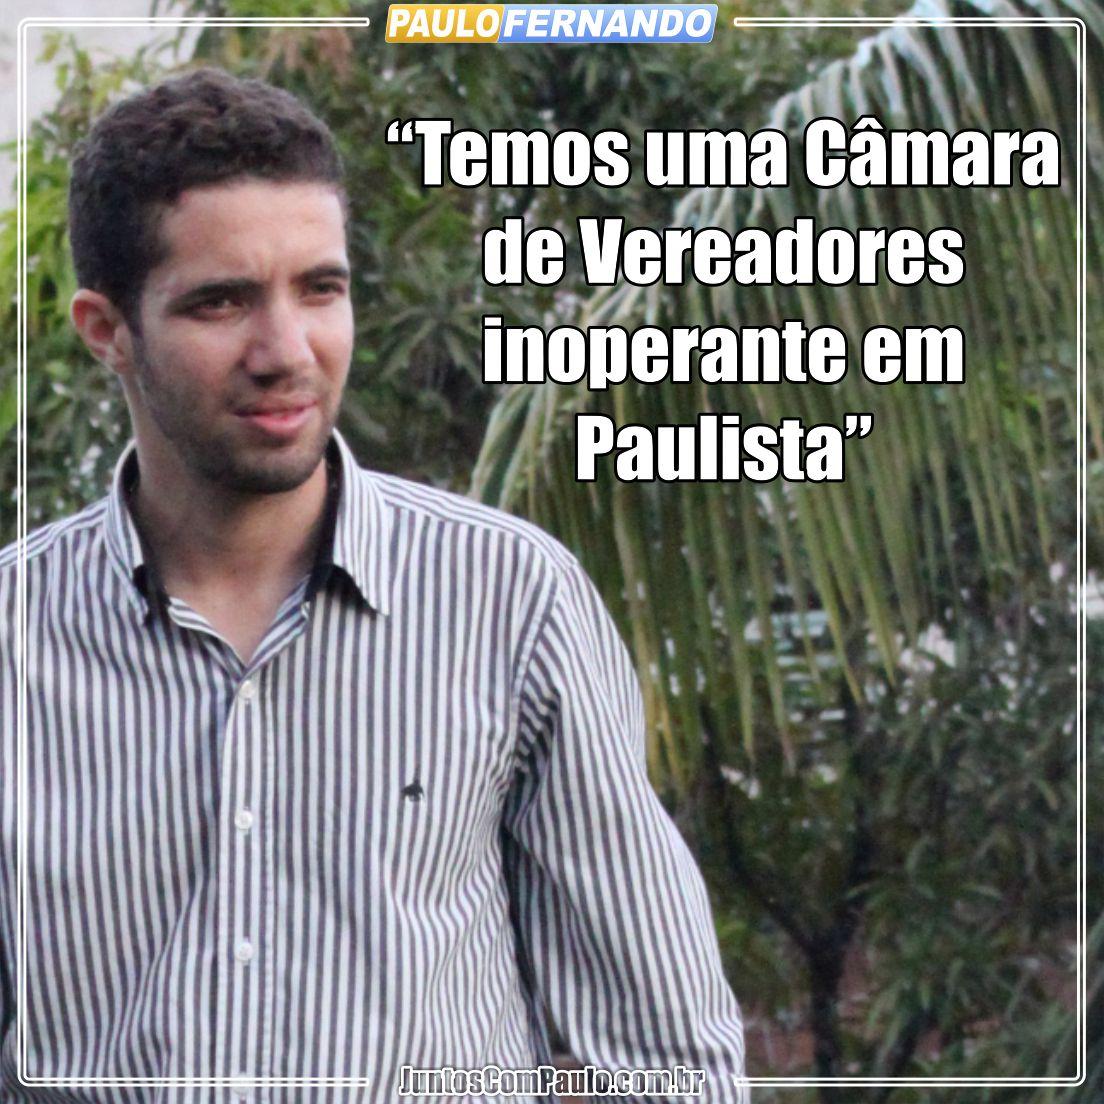 Paulo Fernando diz que a Câmara Municipal é inoperante